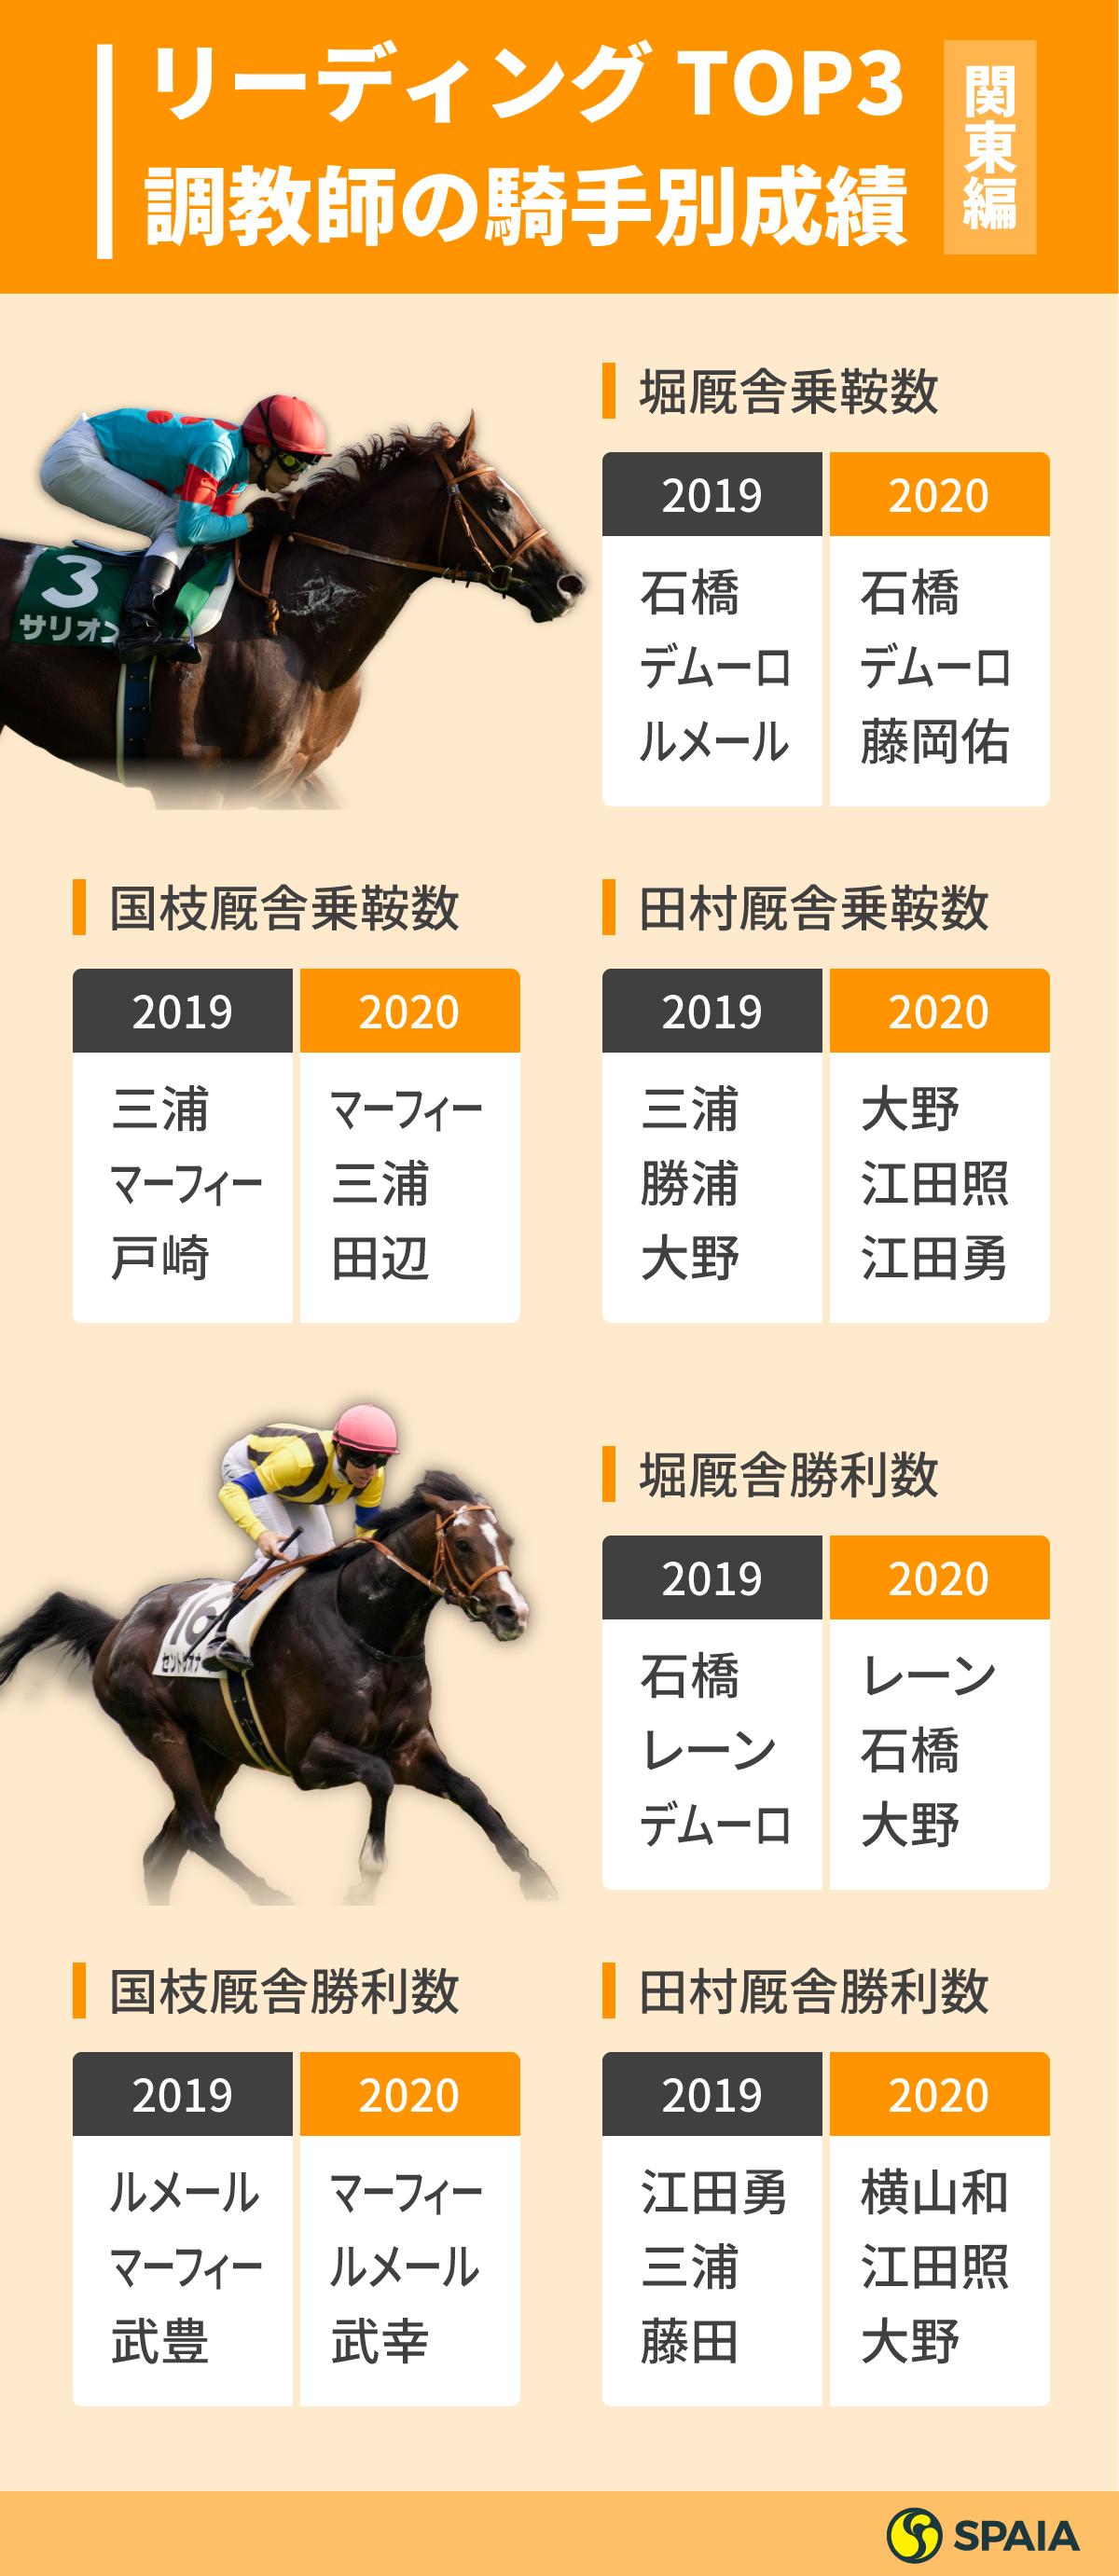 リーディング調教師TOP3騎手別成績(関東編)